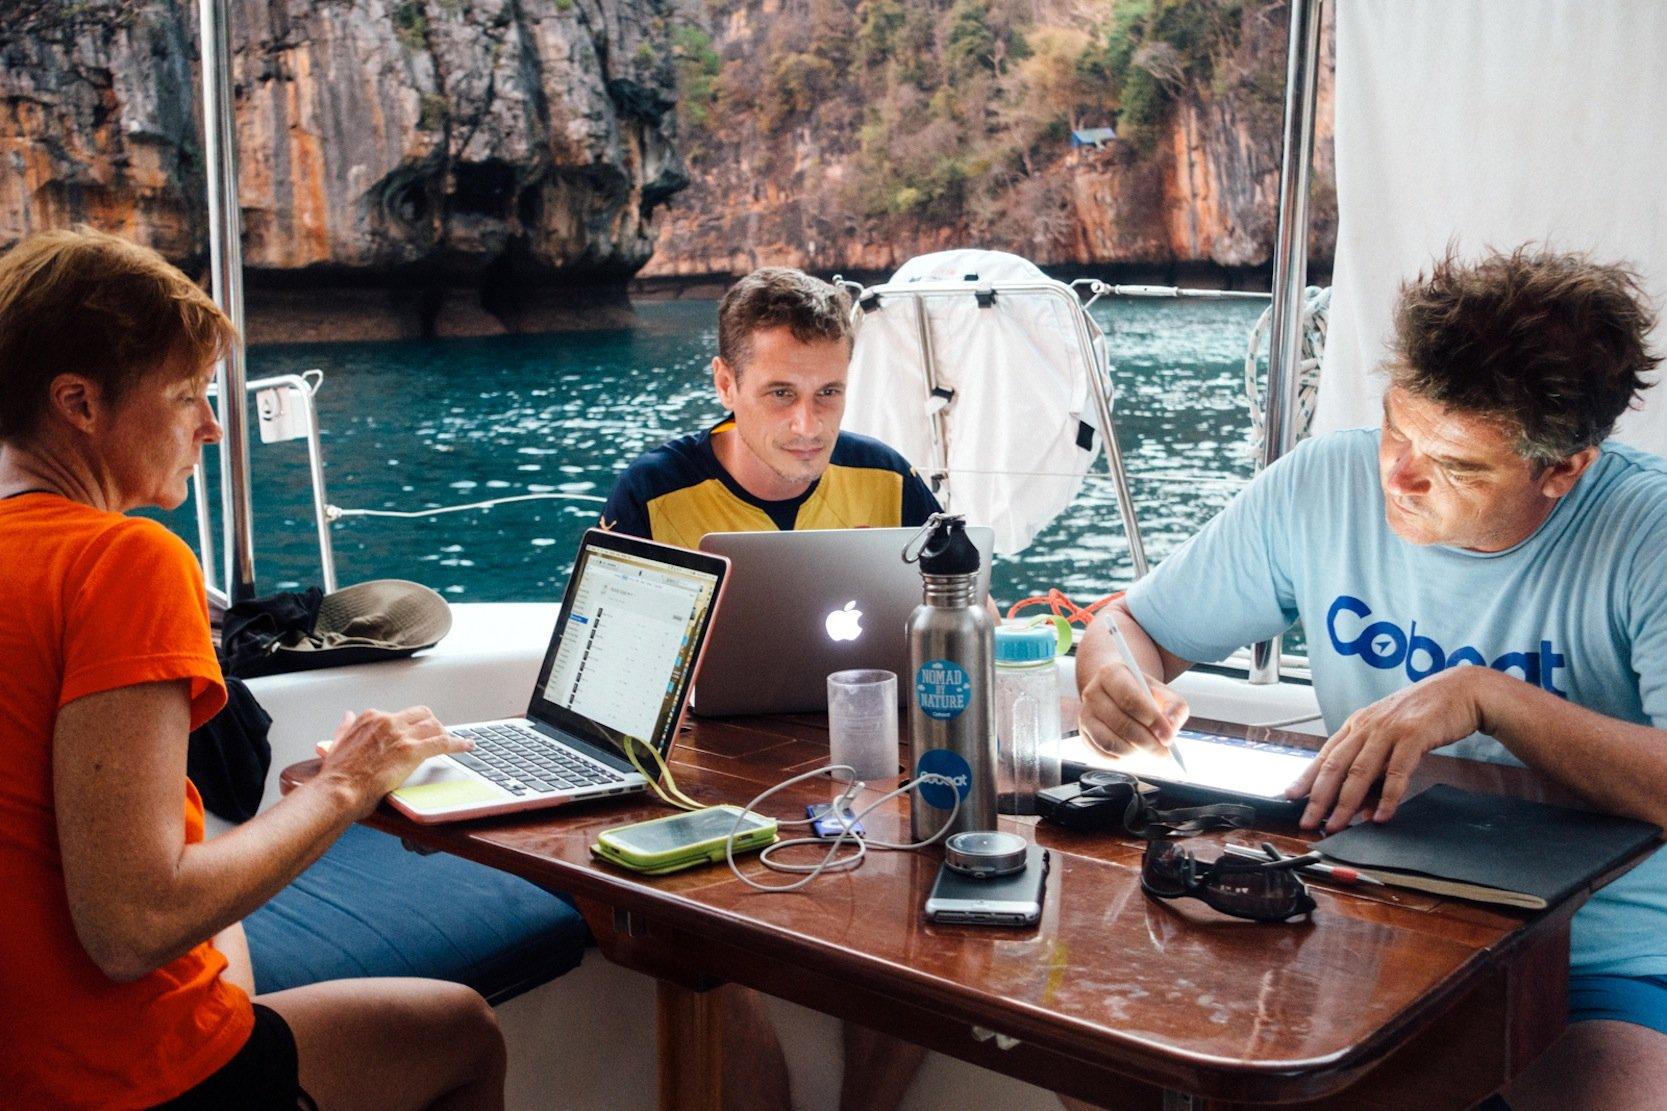 Auf dem Coboat soll man nicht nur Wind und Wasser genießen, sondern auch richtig arbeiten können. Ob das aber am Esstisch immer so klappt? Internet soll allerdings fast immer zur Verfügung stehen.